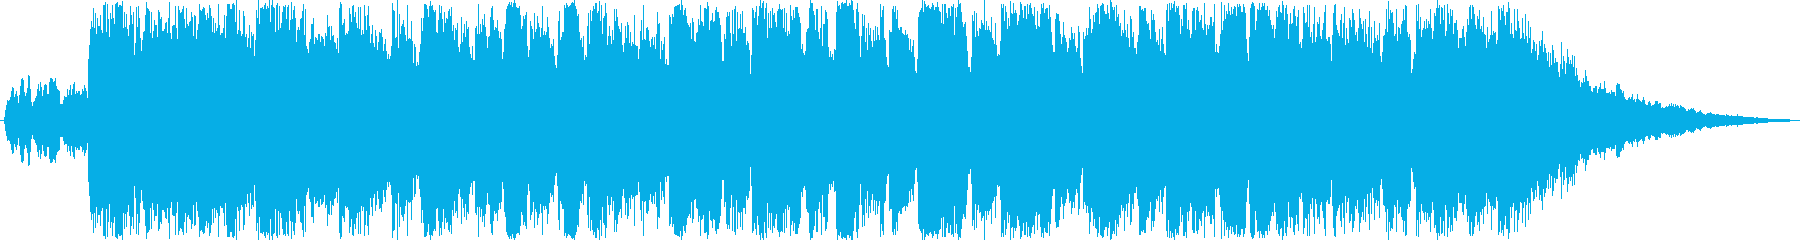 悲しいバッドエンドの再生済みの波形